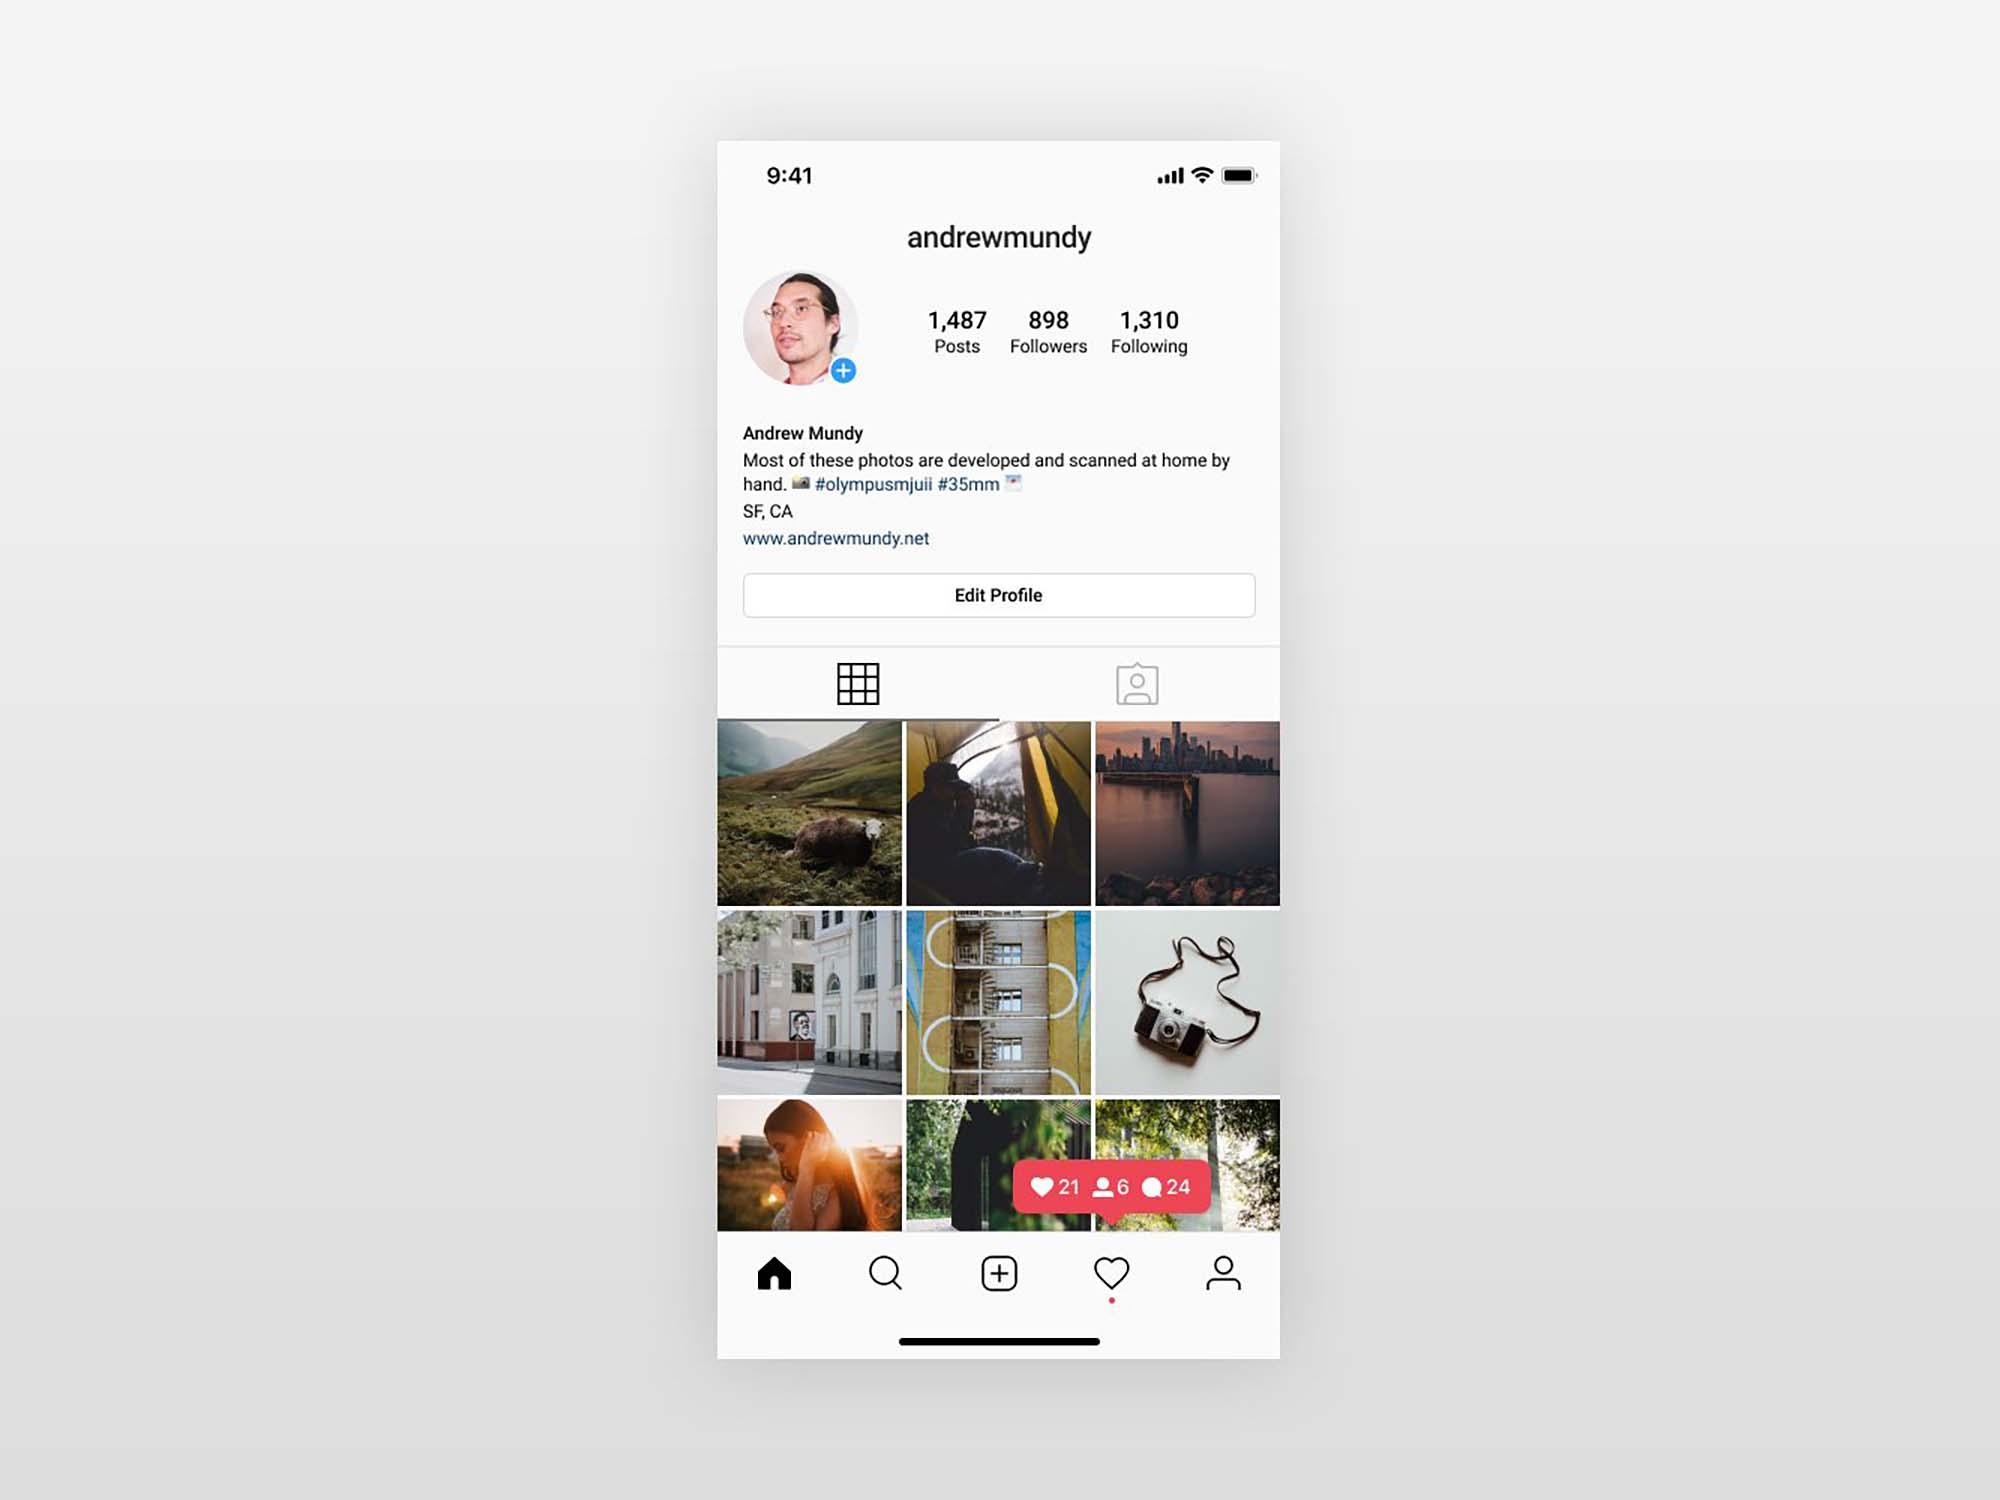 Instagram UI Profile